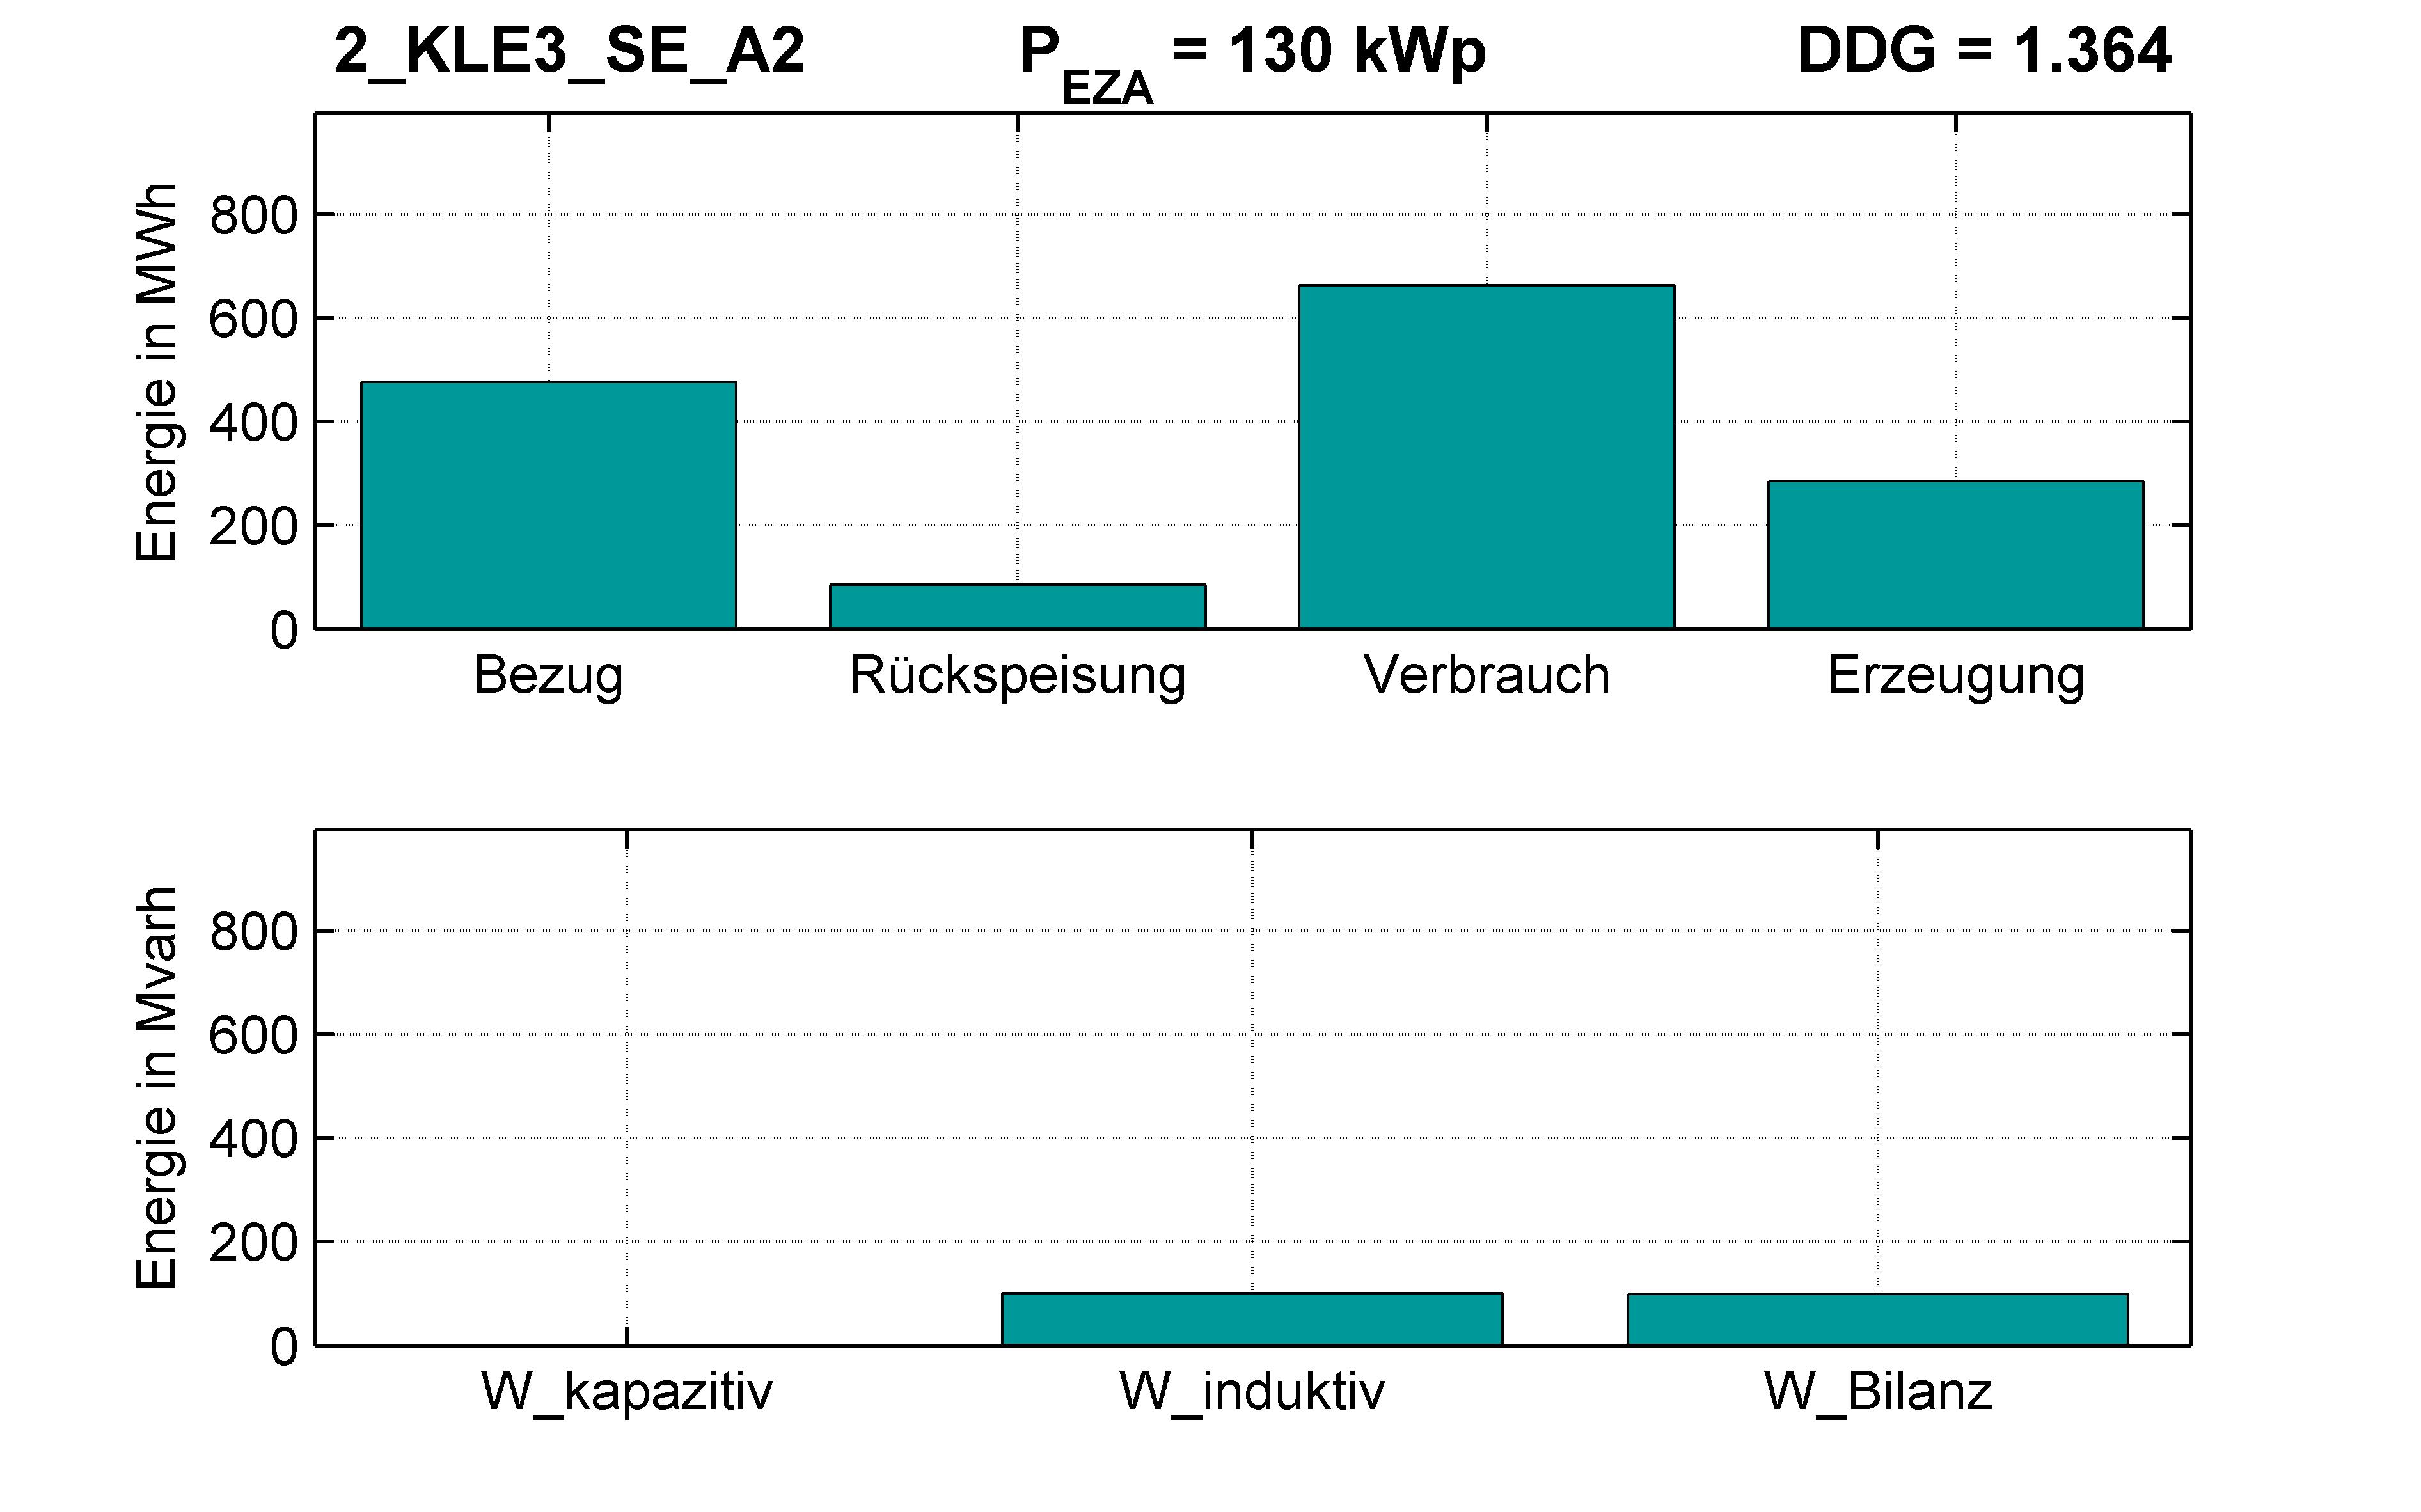 KLE3 | P-Kappung 85% (SE) A2 | PQ-Bilanz